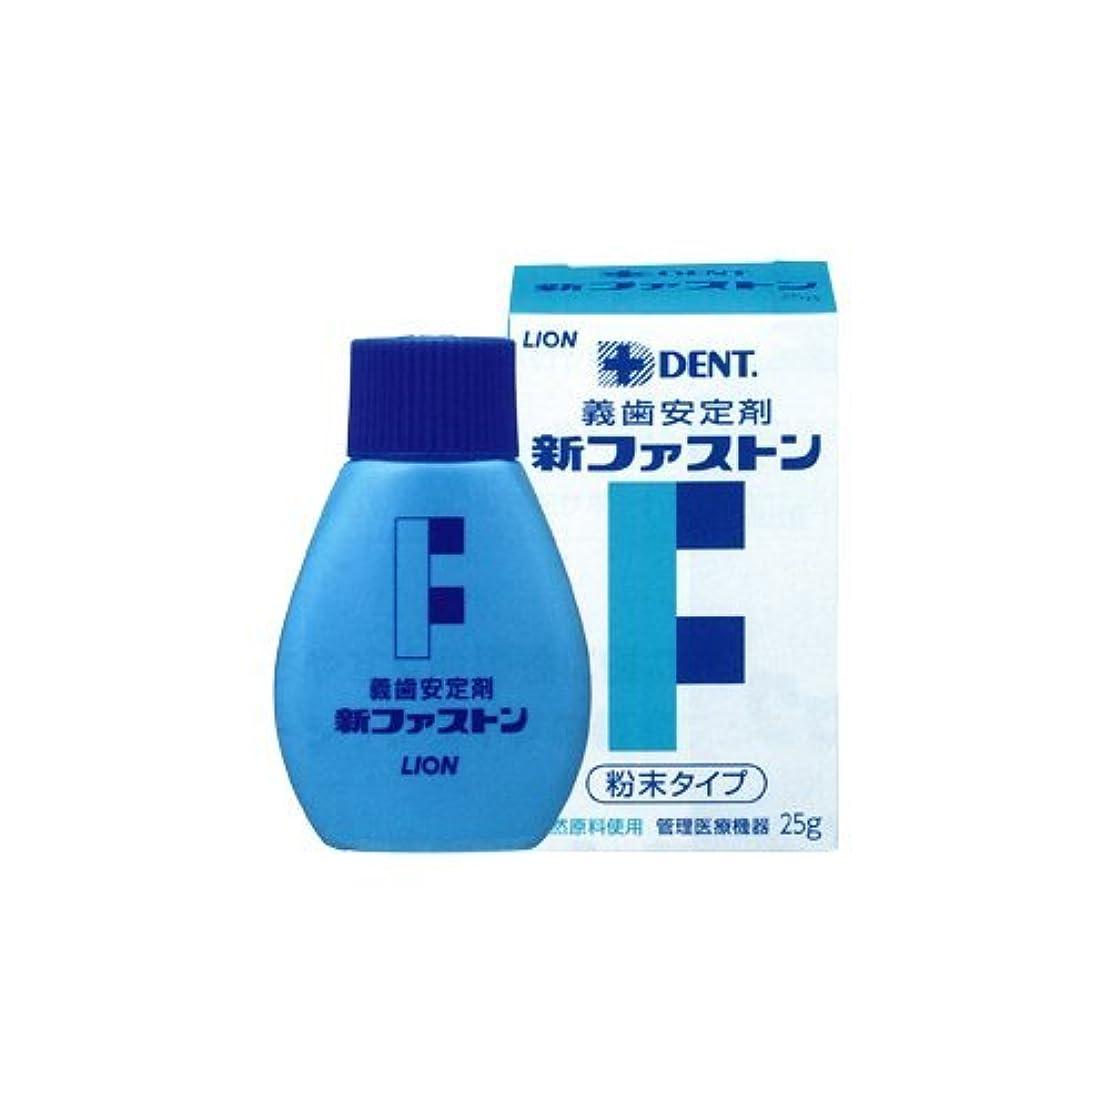 ベジタリアンサポート心のこもったライオン 新ファストン 25g 義歯安定剤